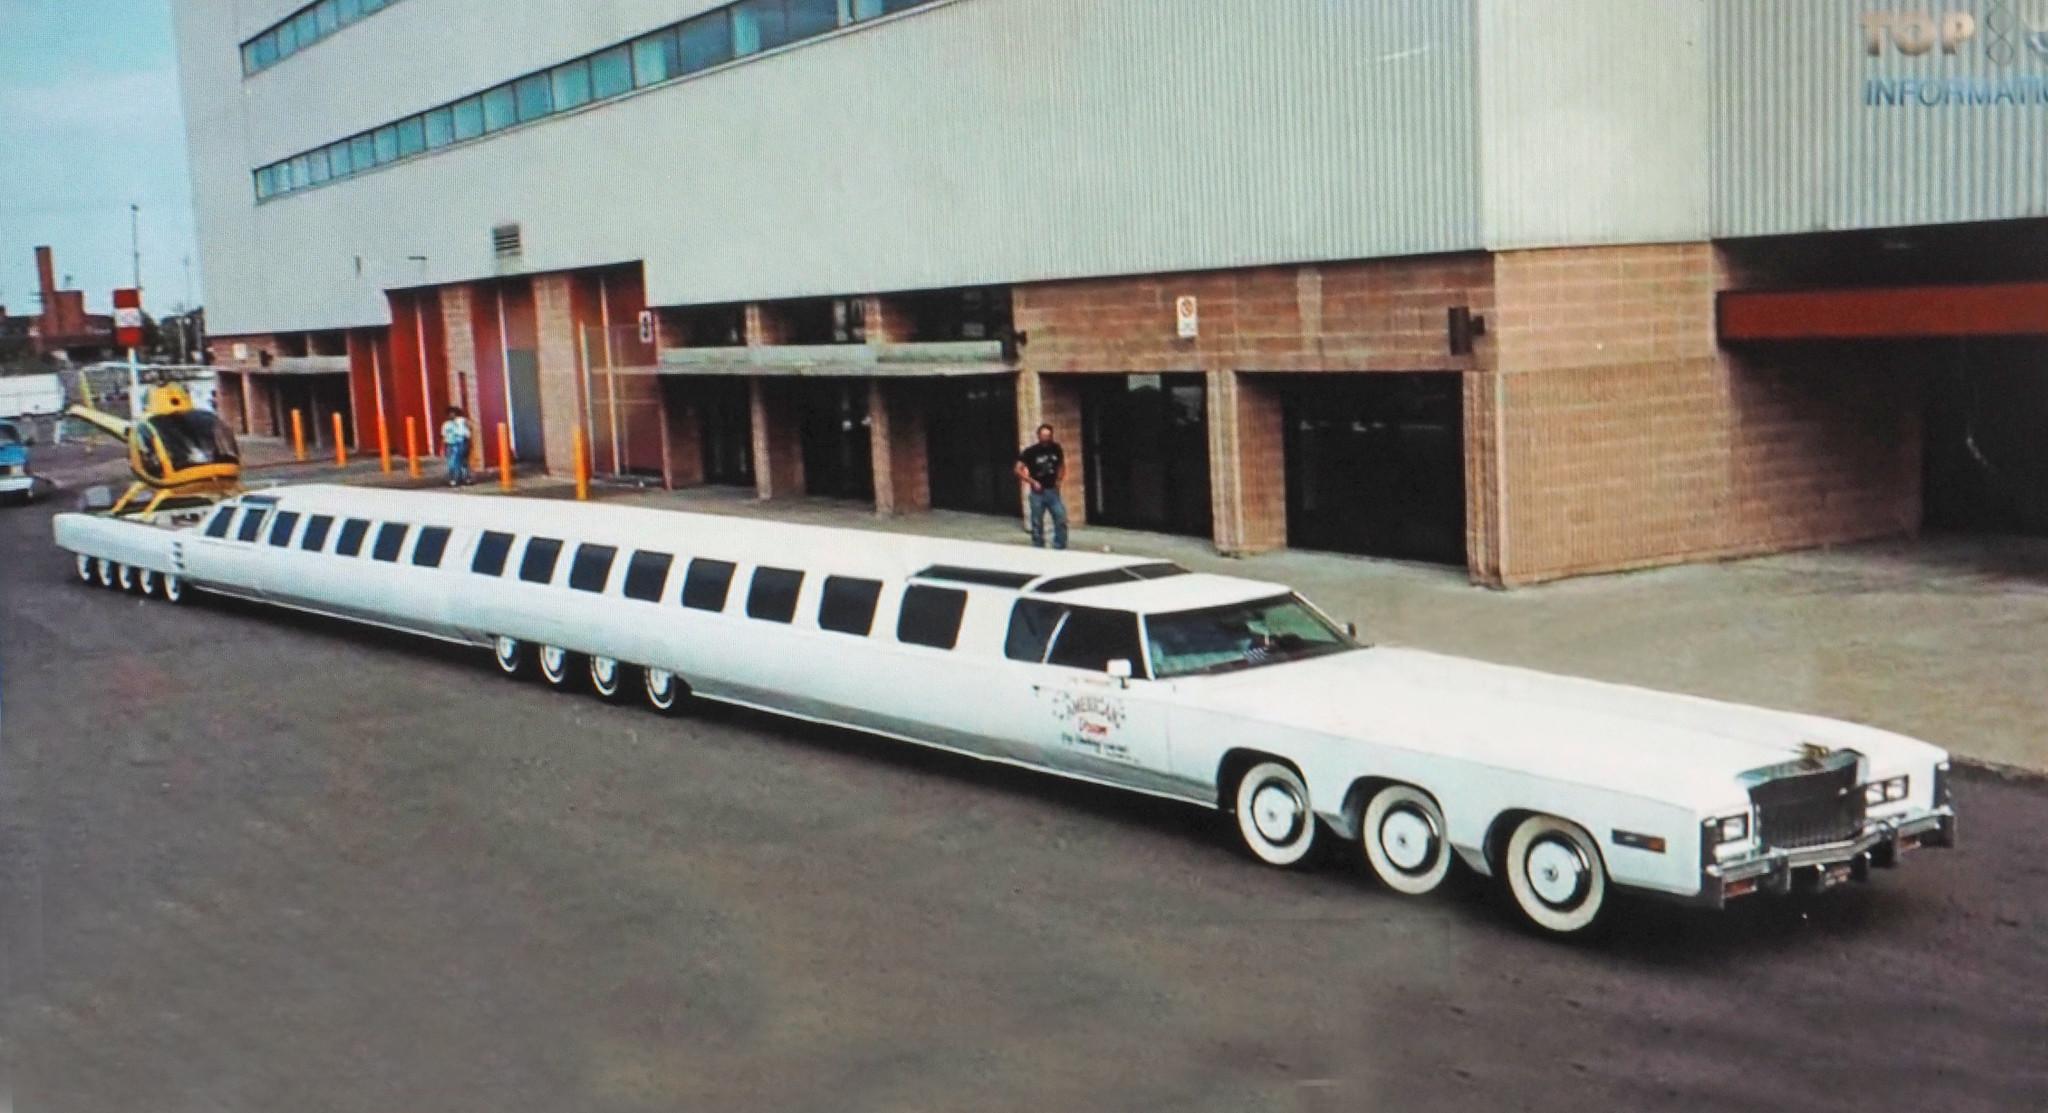 45871678692_c6def28cdd_k The american dream limo - la limousine la plus longue du monde [video]